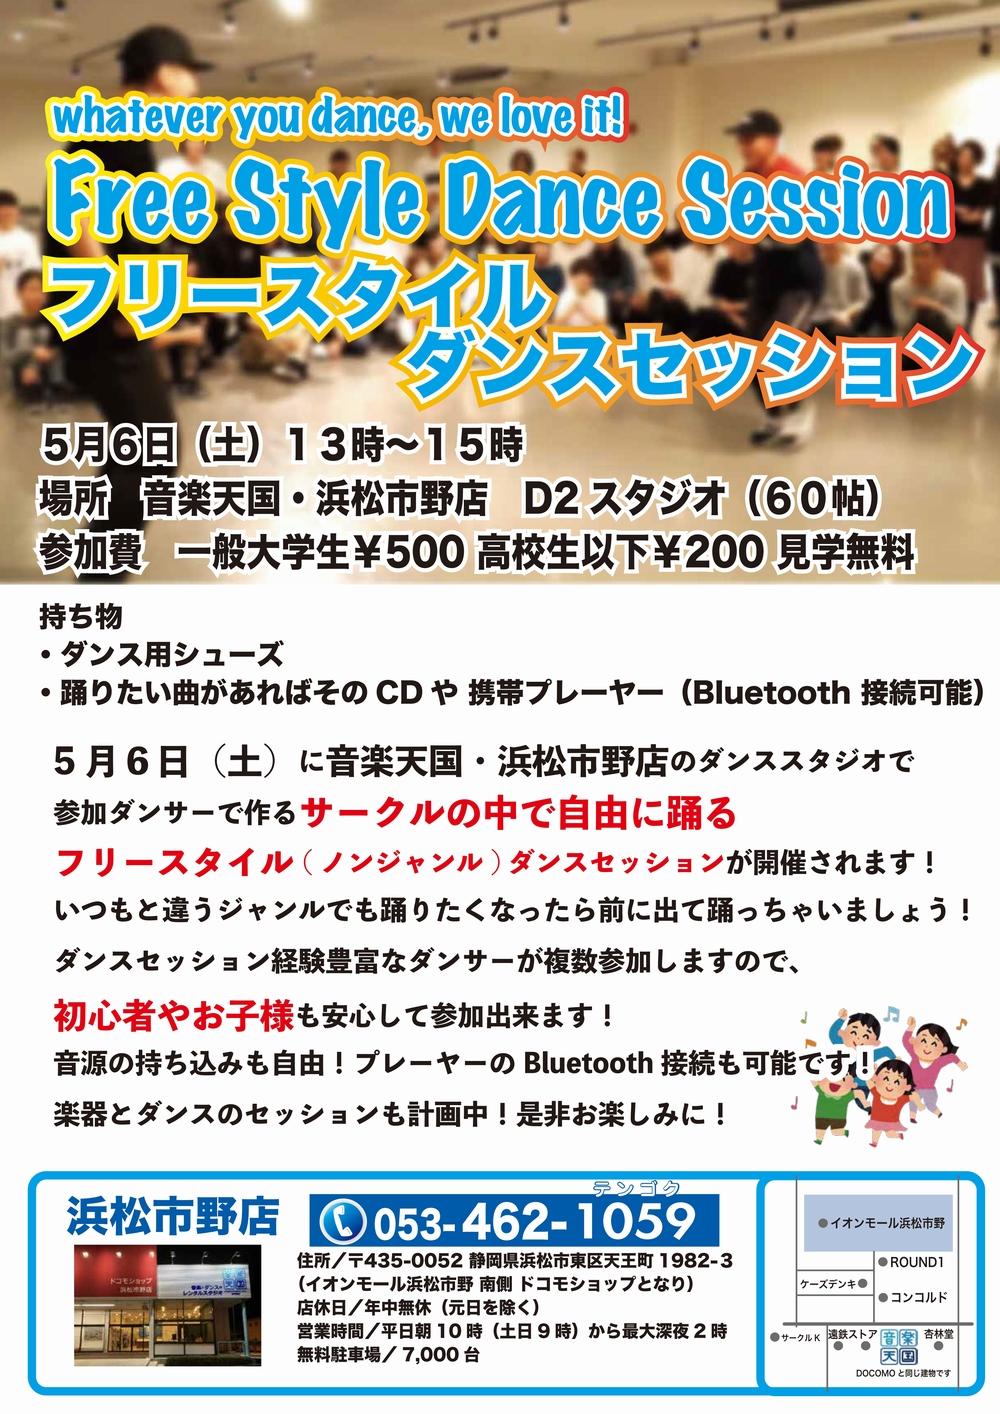 【ダンスセッション天国】音楽天国・浜松市野店5月6日(土)初開催